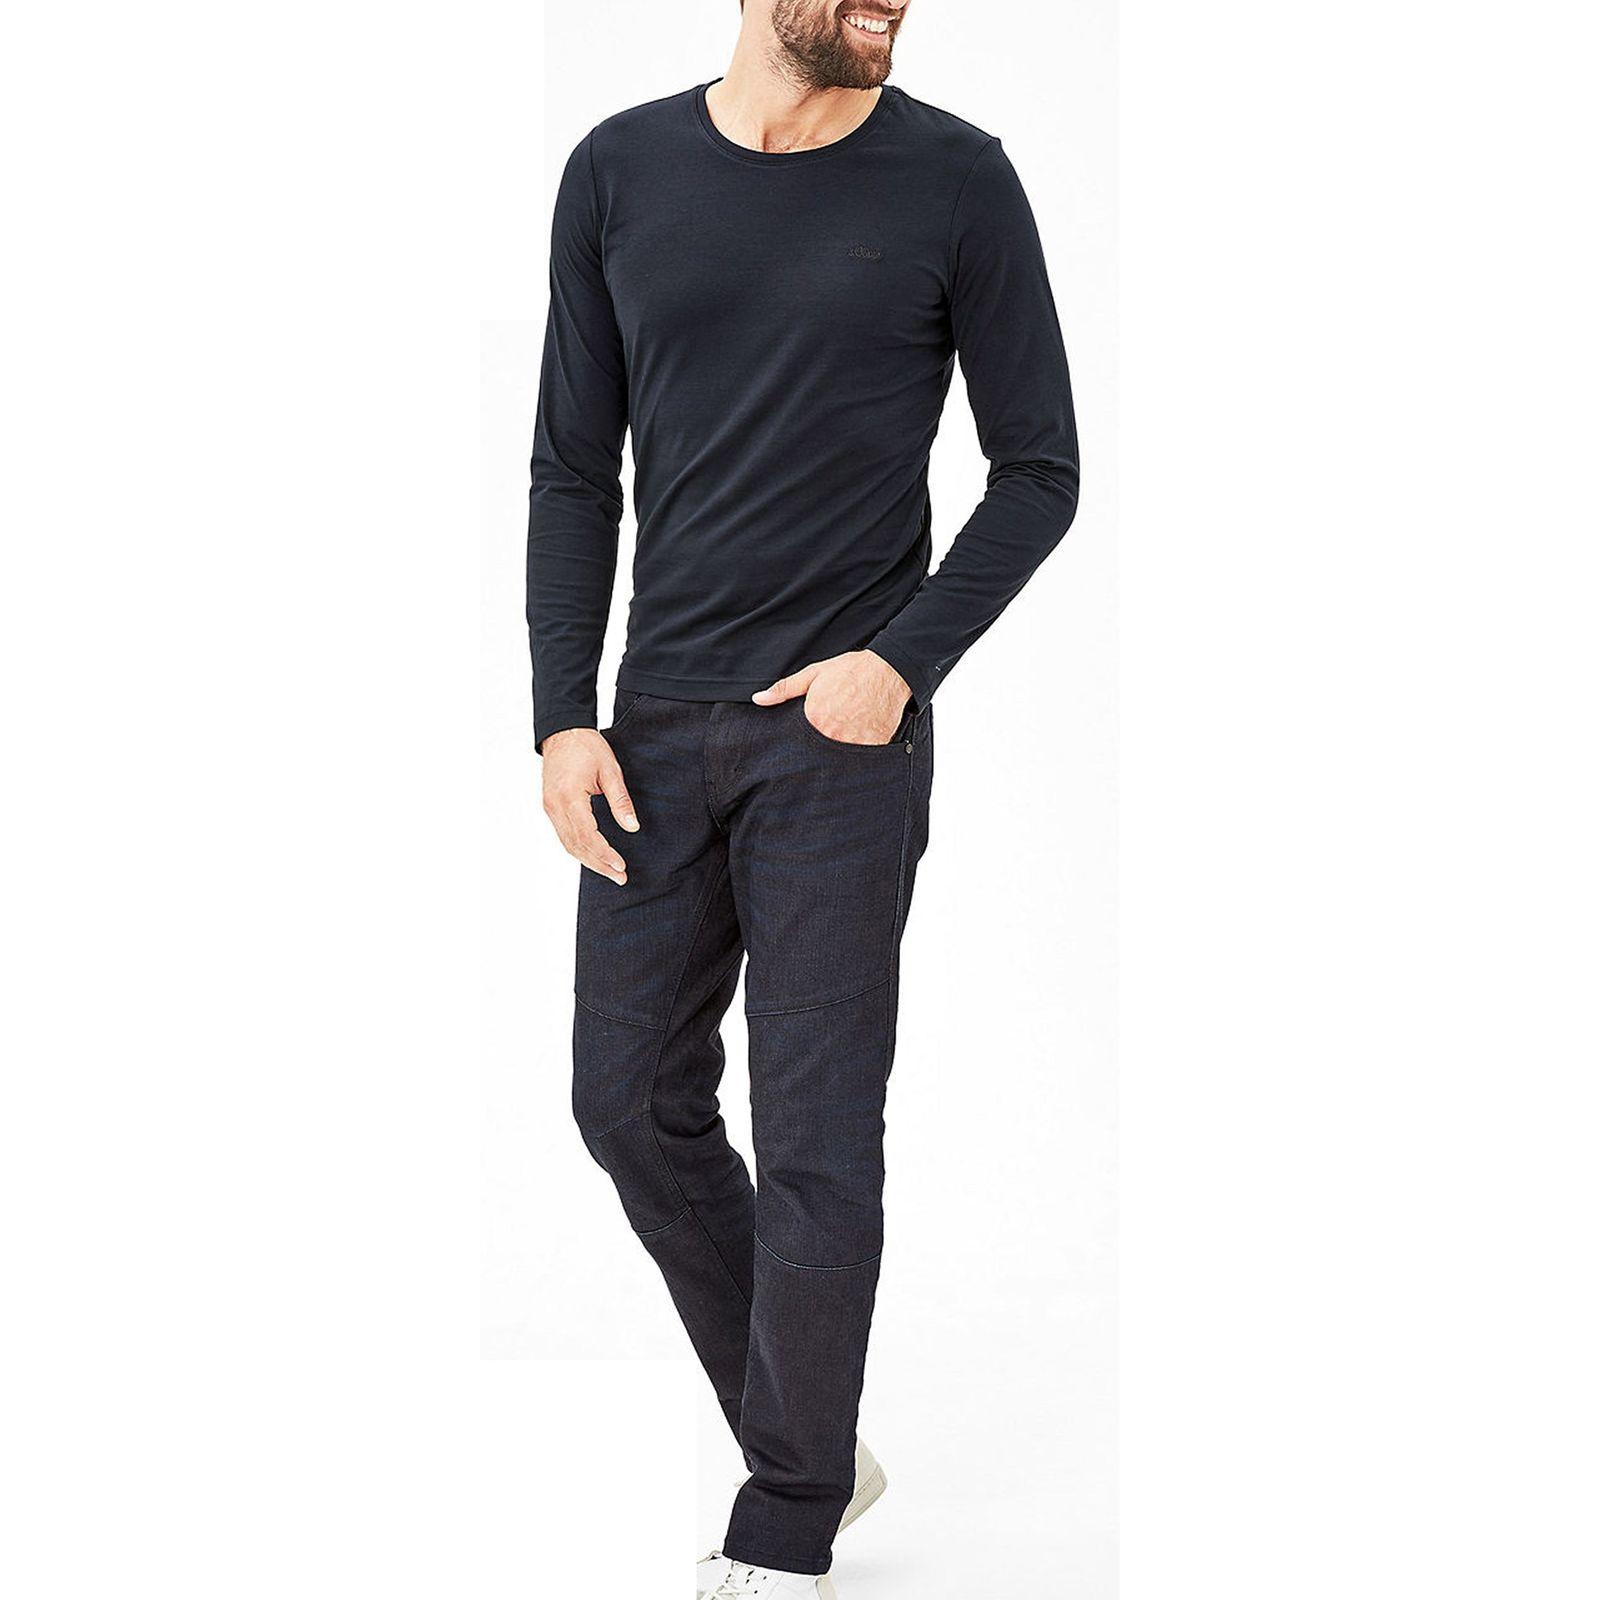 تی شرت نخی آستین بلند مردانه - اس.اولیور - سرمه اي تيره - 2